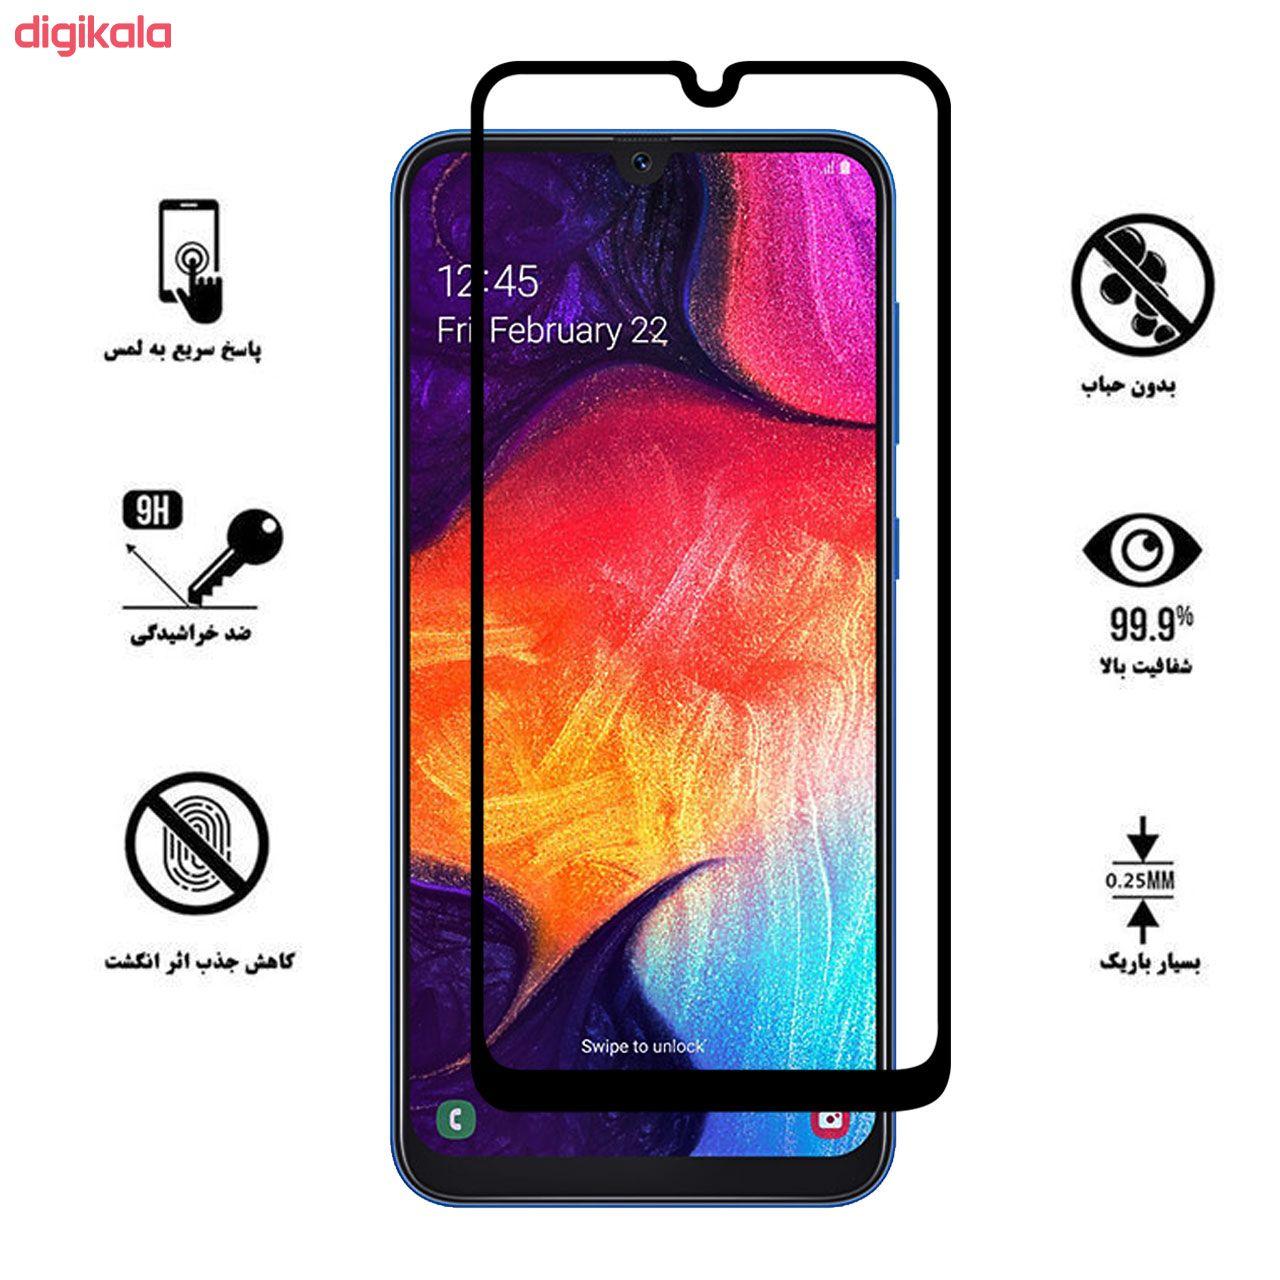 محافظ صفحه نمایش تراستکتور مدل GSS مناسب برای گوشی موبایل سامسونگ Galaxy A50 بسته 5 عددی main 1 8